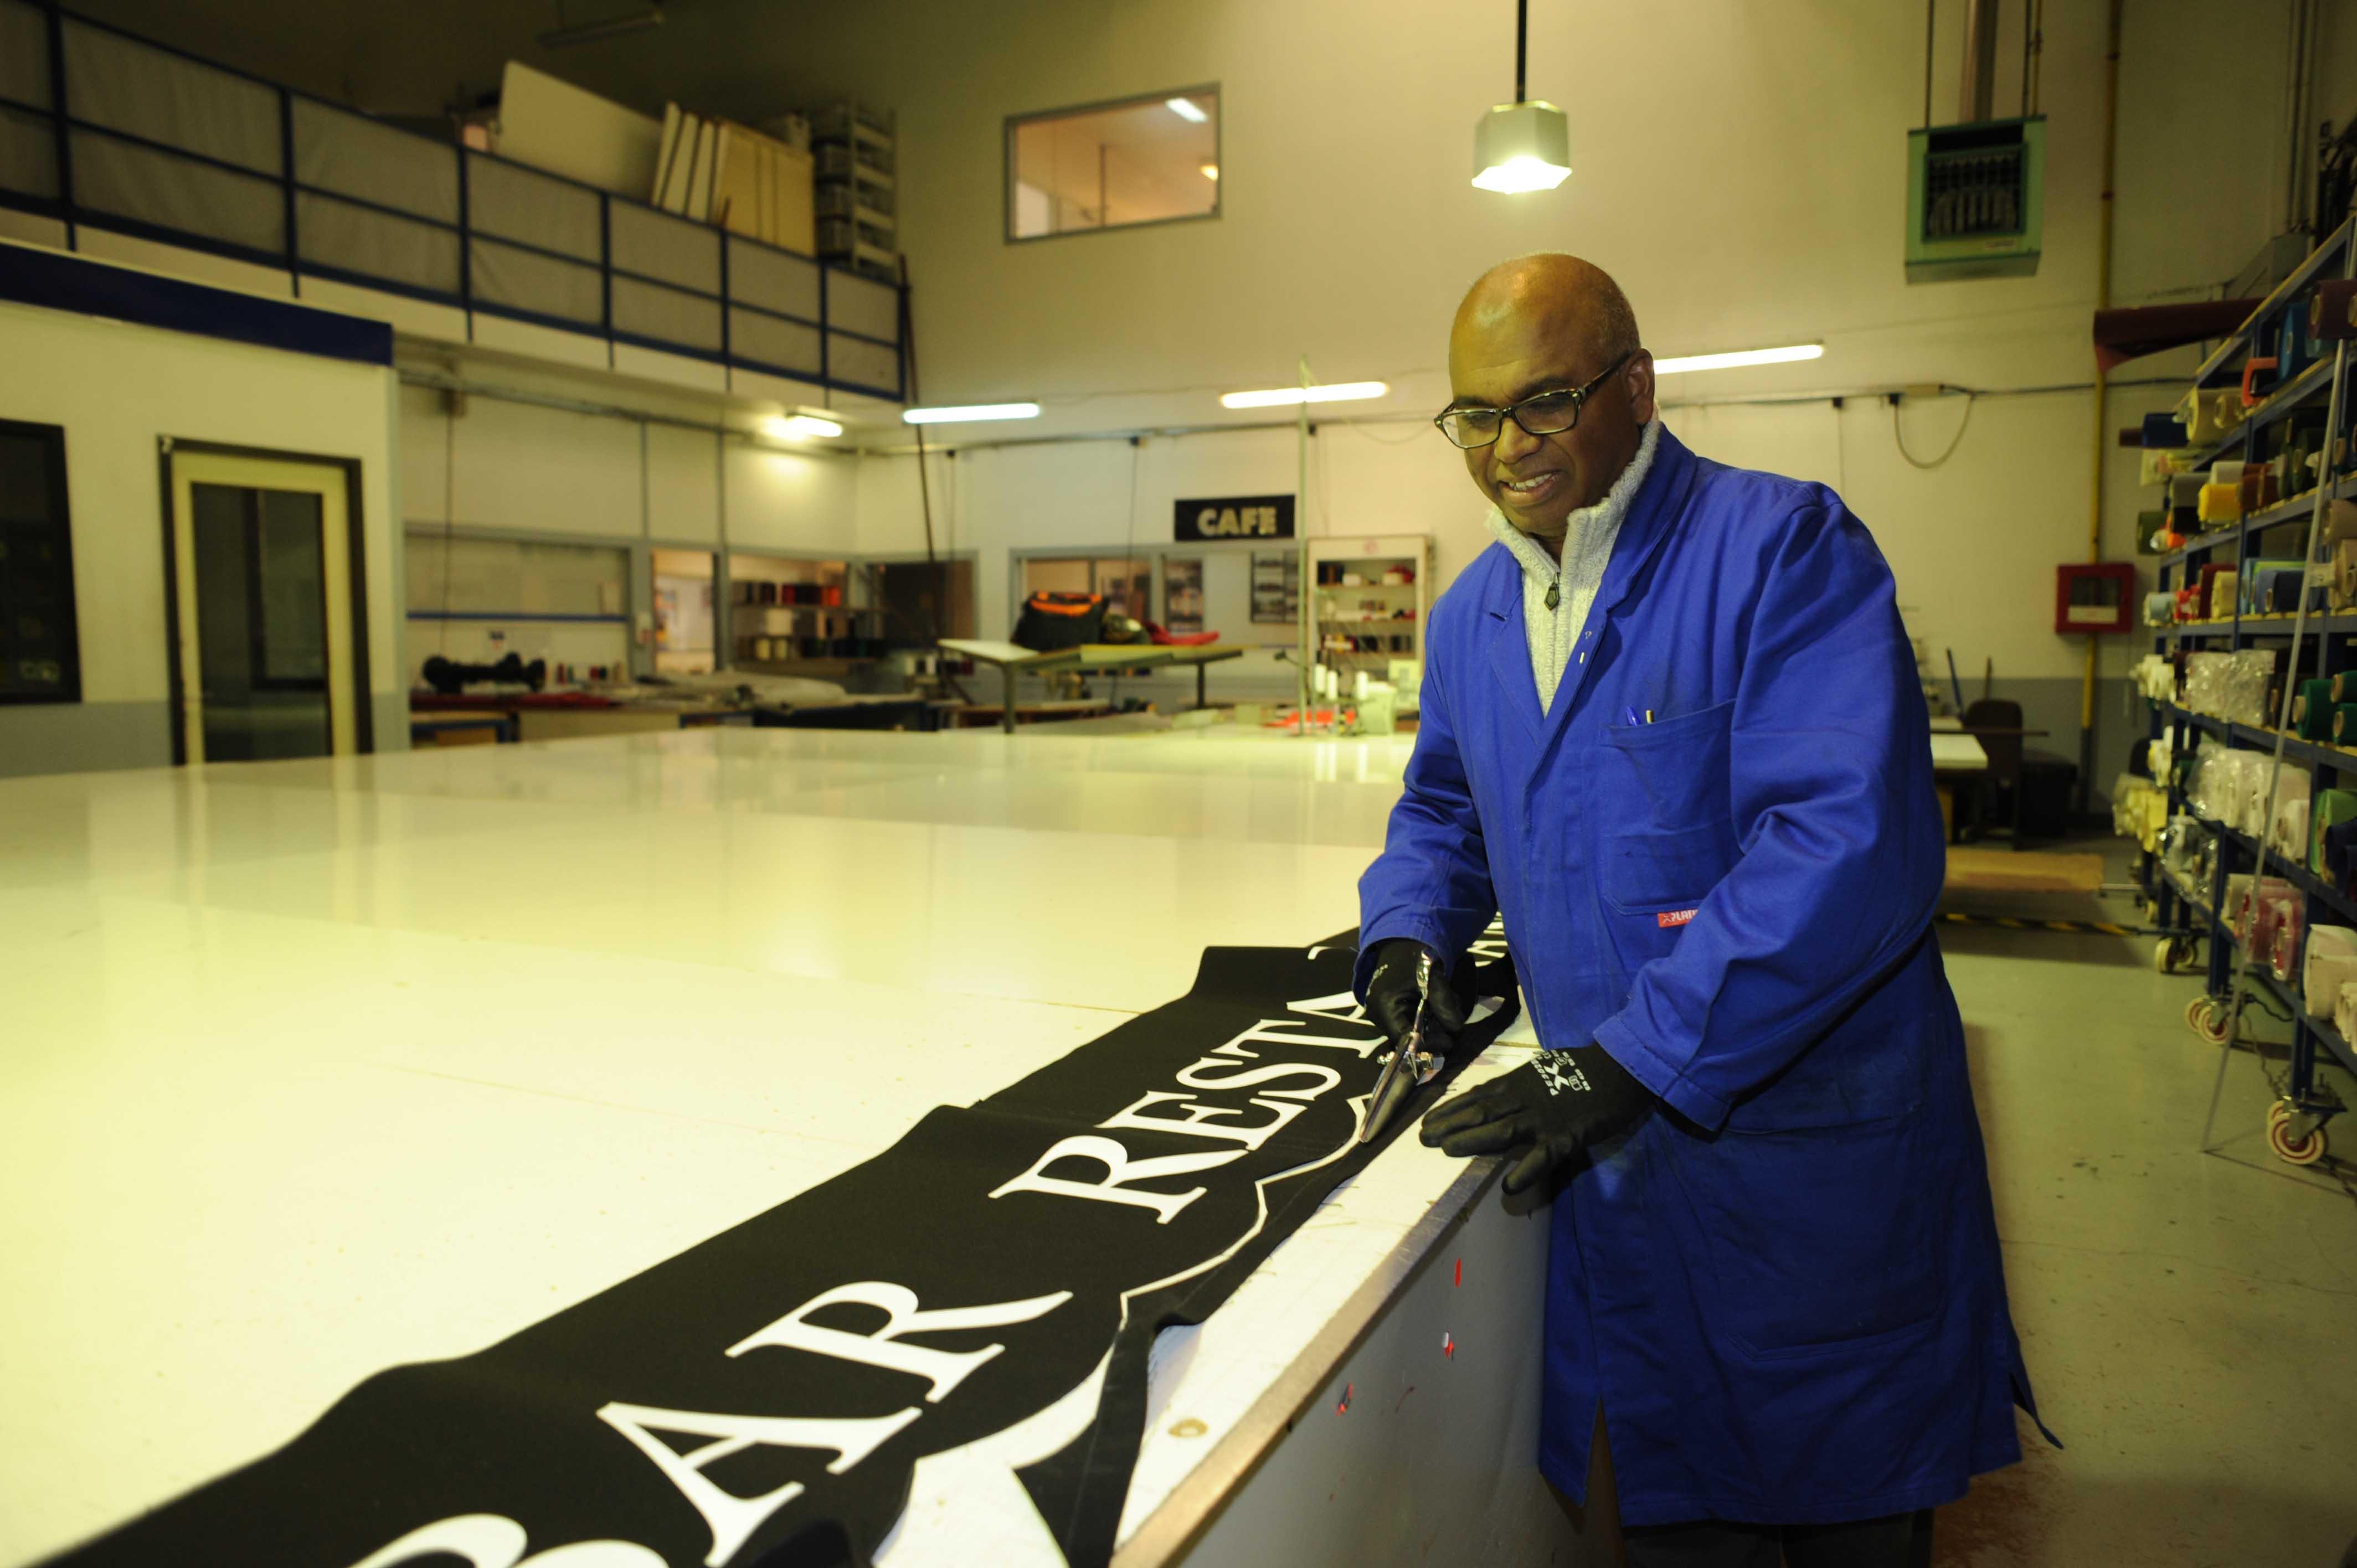 Atelier de confection stores dupont kine paris couture lambrequin personnalisé